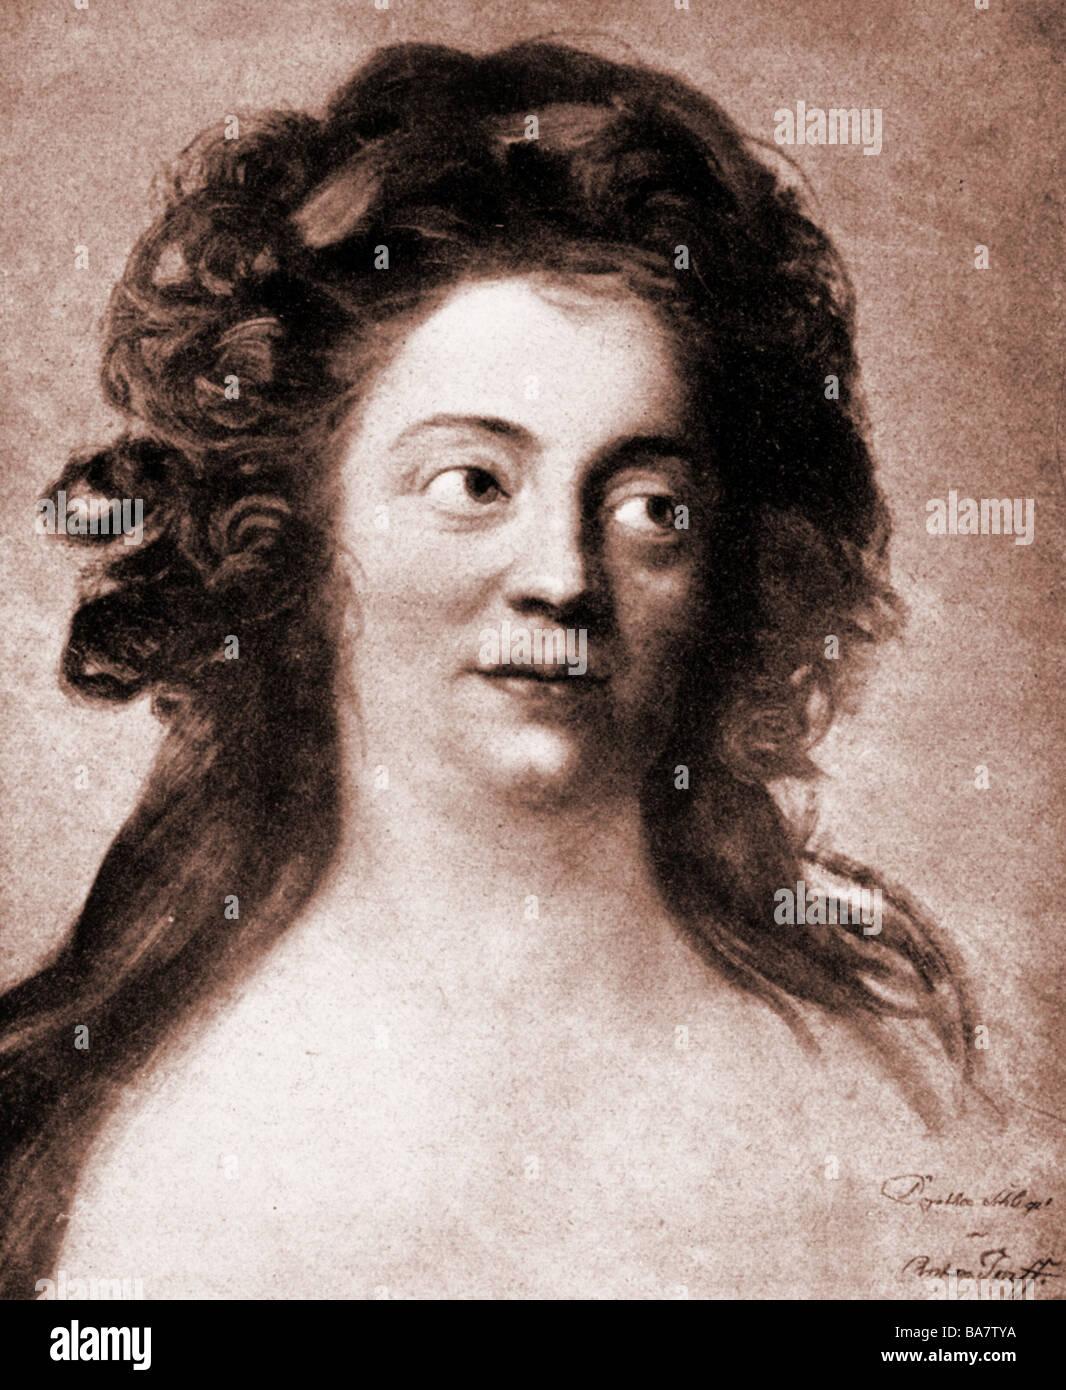 Schlegel, Dorothea Friederike, 24.10.1763 - 3.8.1839, auteur/écrivain allemand, portrait, après peinture d'Anton Banque D'Images